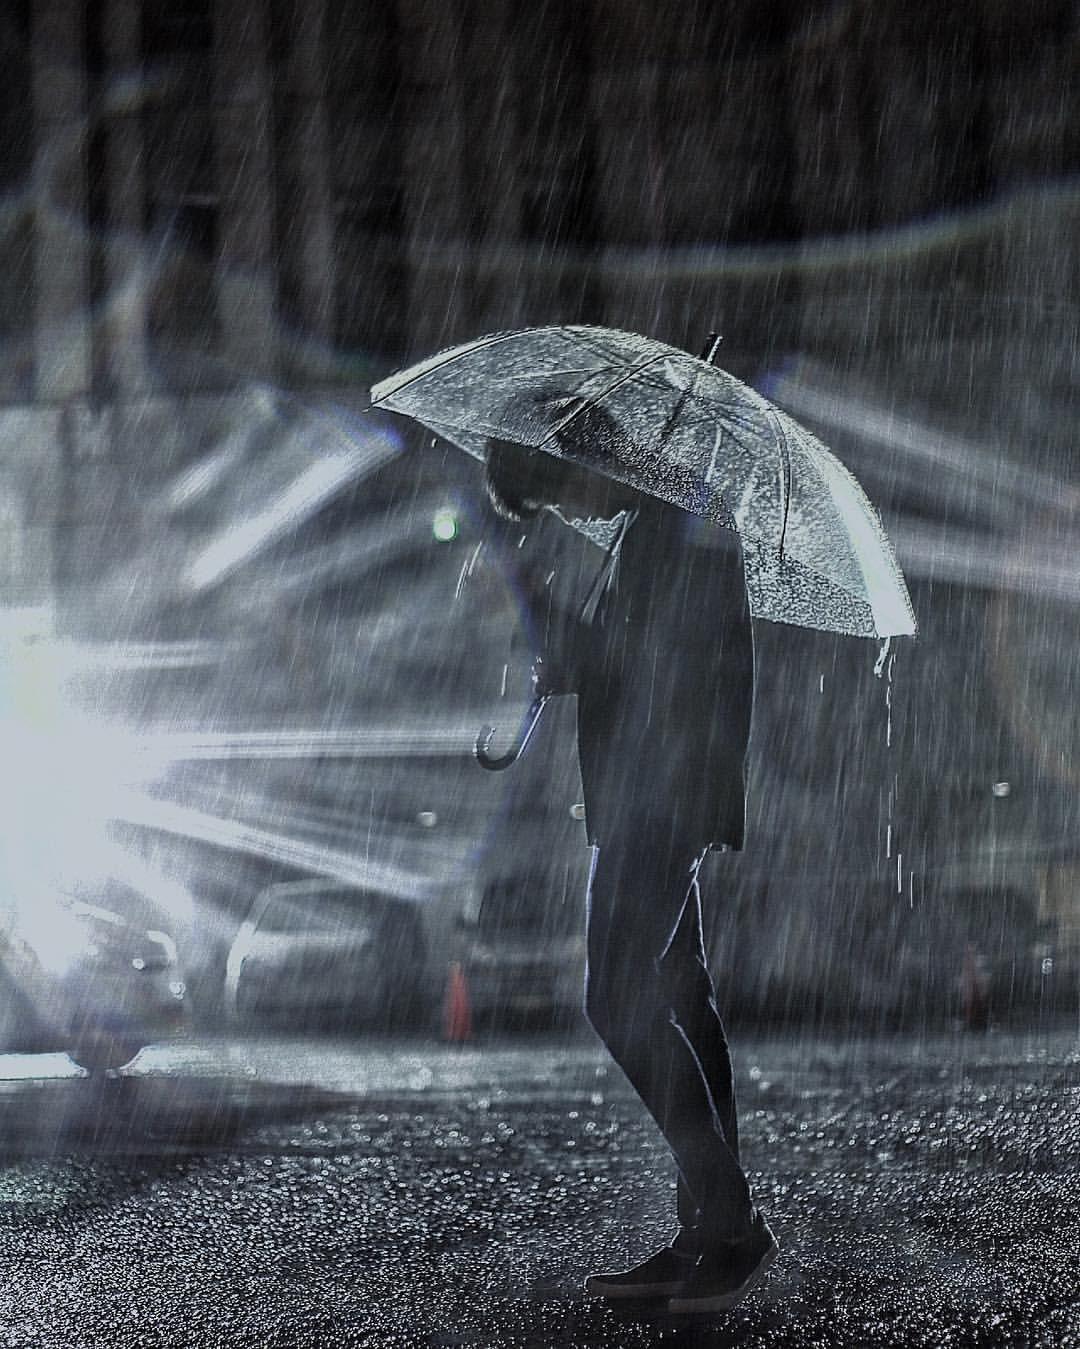 взгляда превью картинки ливень дождь уныние детинец, обведен деревянными